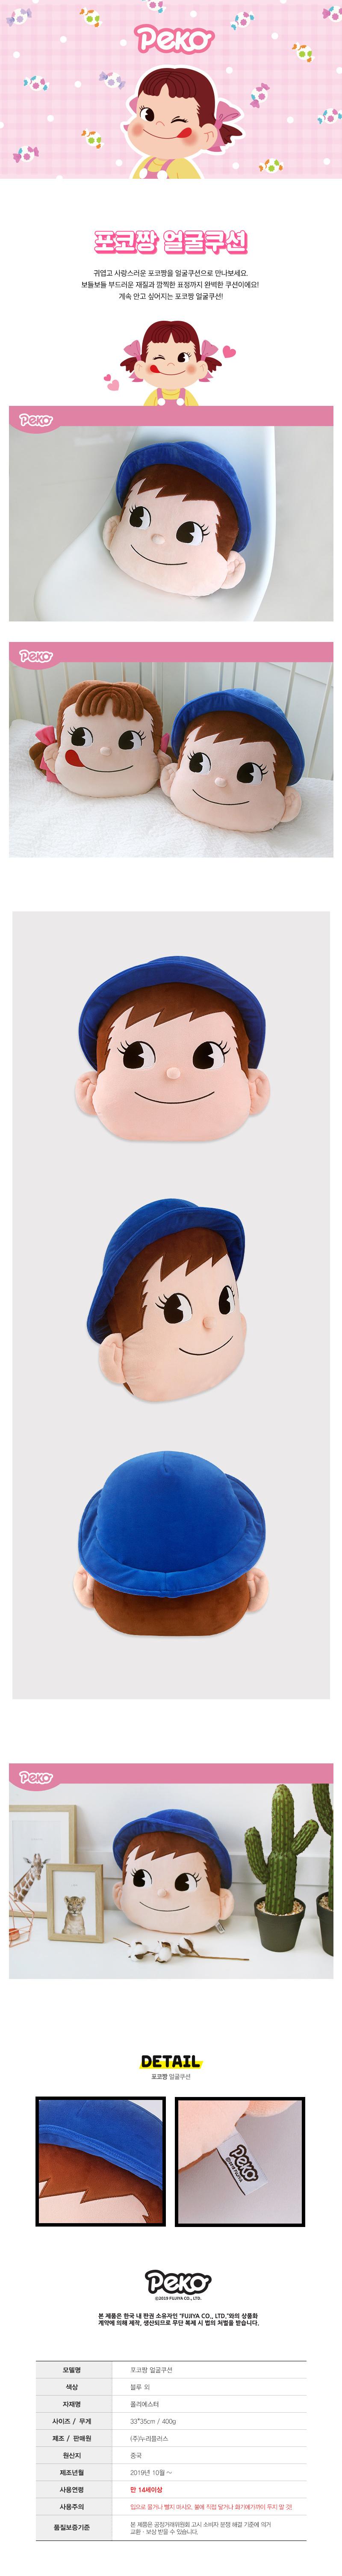 포코짱 얼굴쿠션 - 누리토이즈, 29,000원, 캐릭터인형, 기타 캐릭터 인형